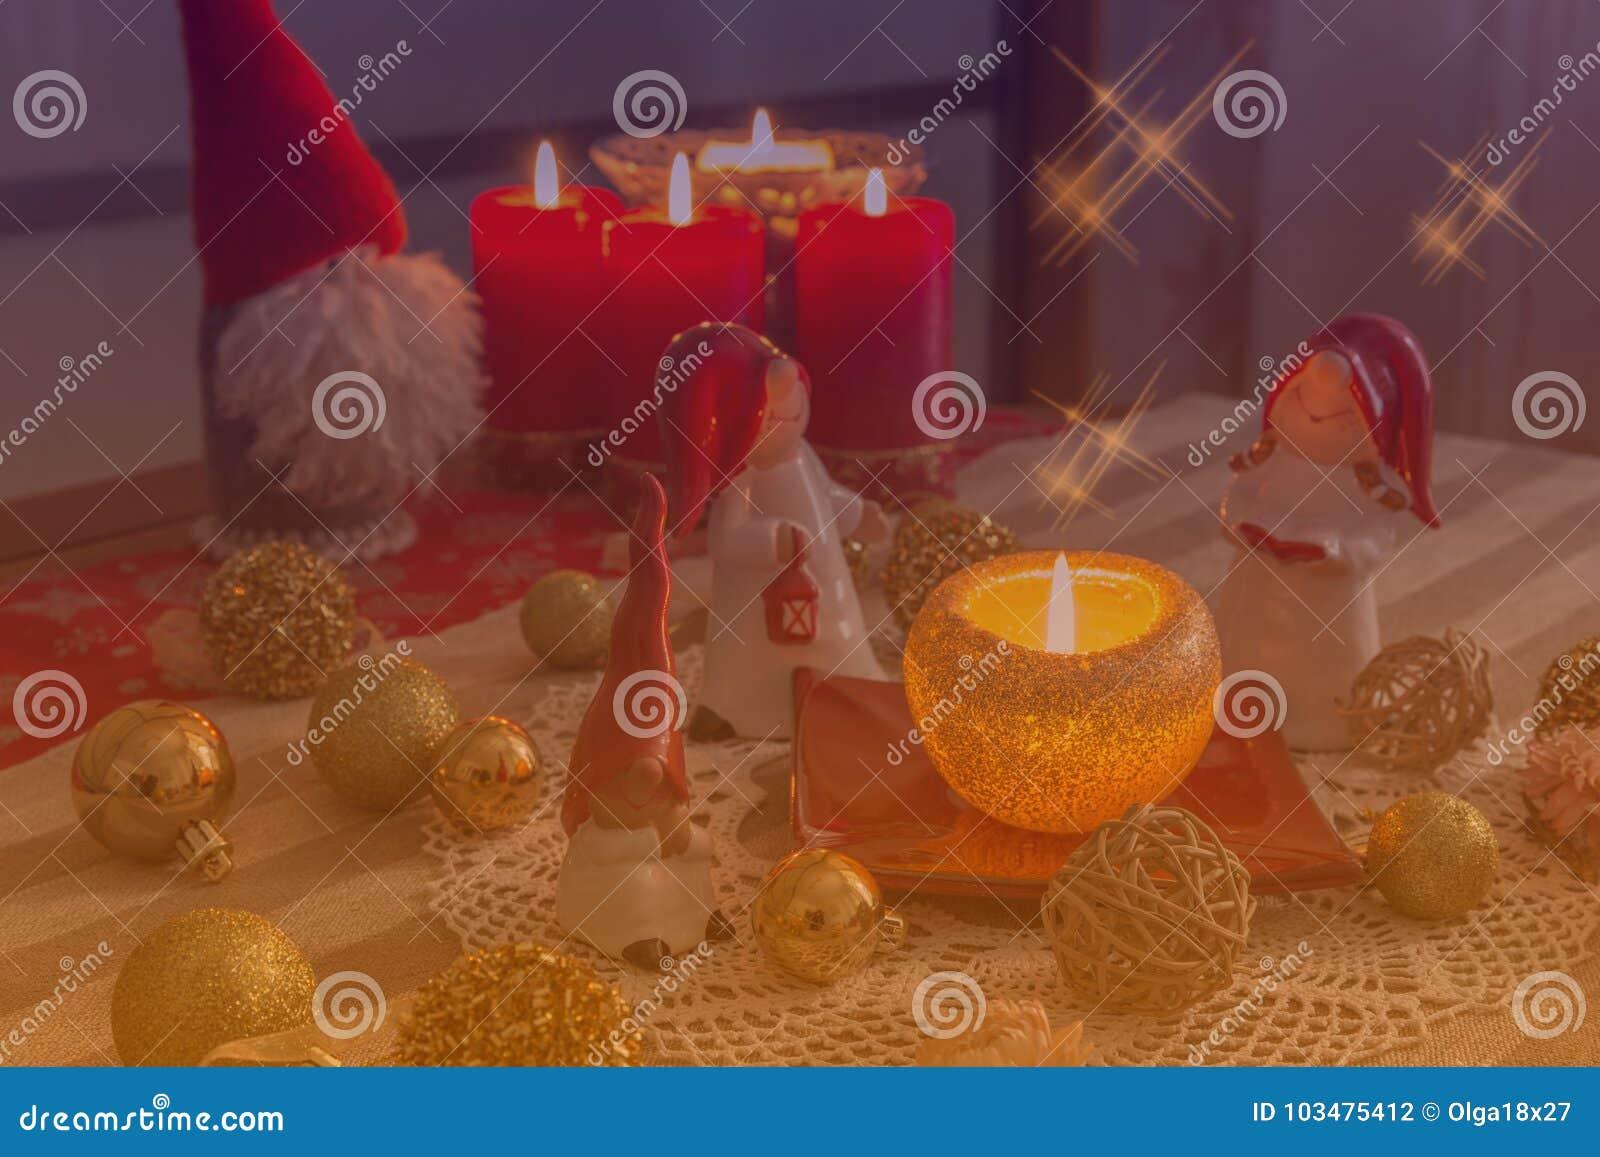 Christmas Gnome Decor.Christmas Gnome Decor With Santa Hat Holiday Bohek